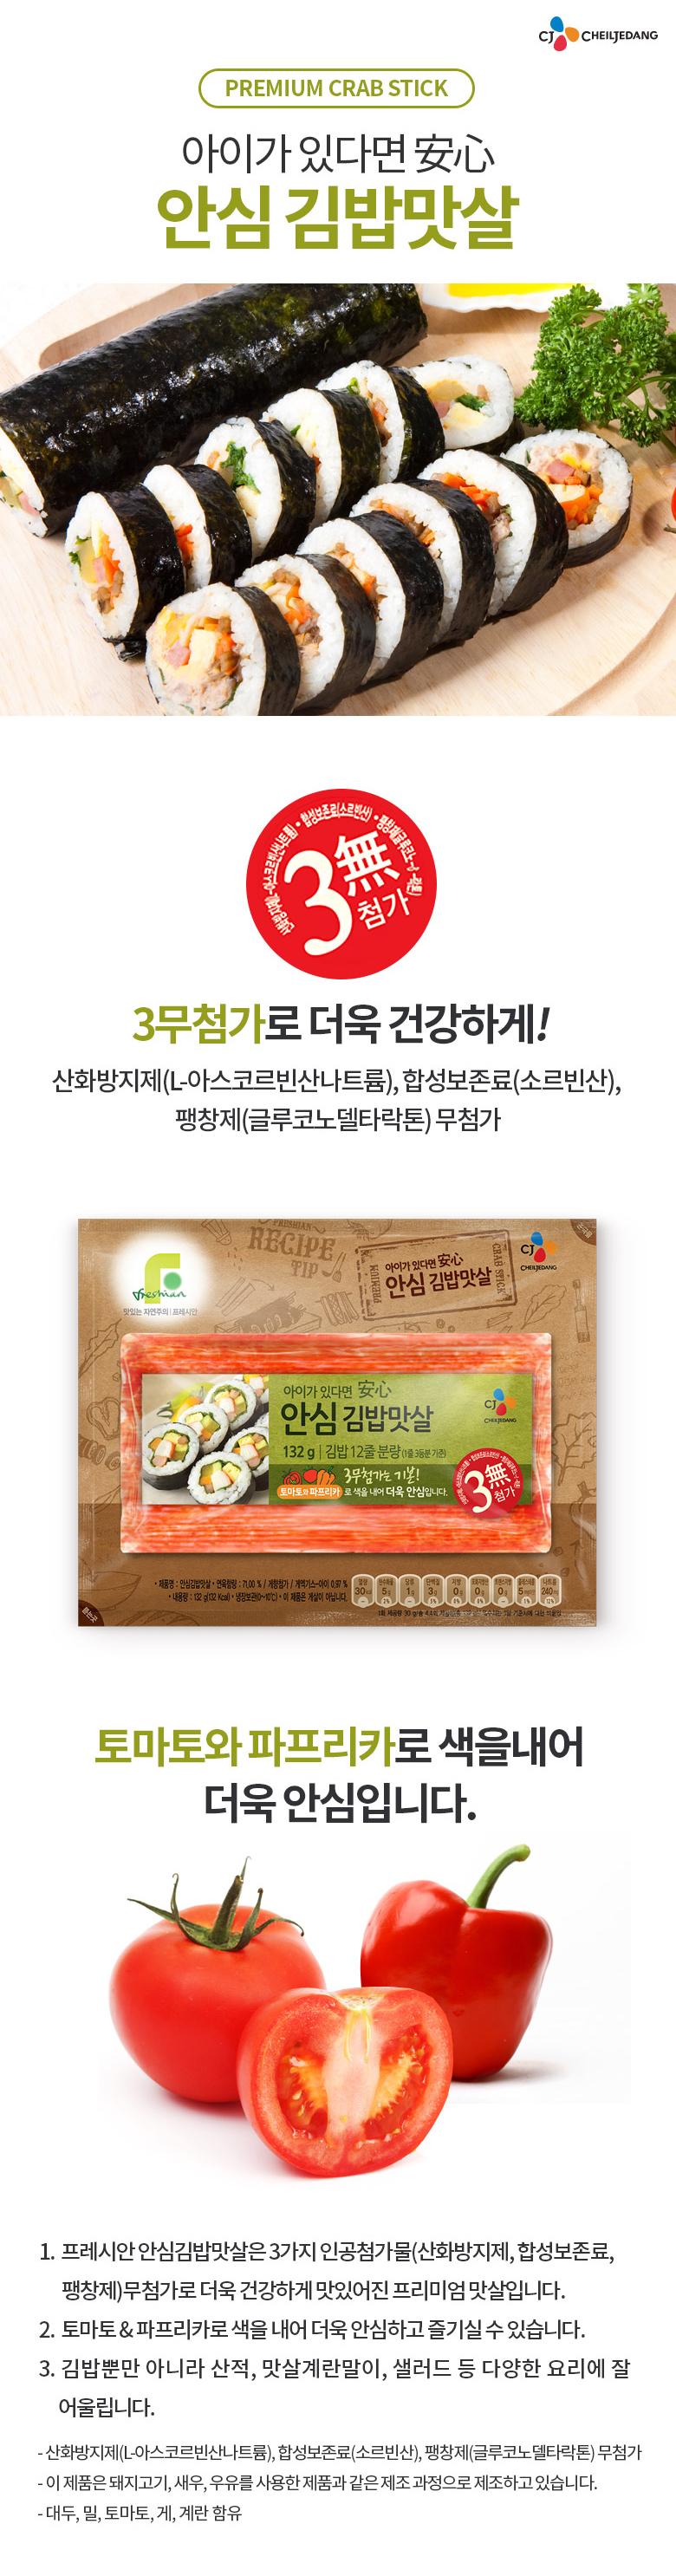 食品館海苔/干物類/ 海苔巻き材料